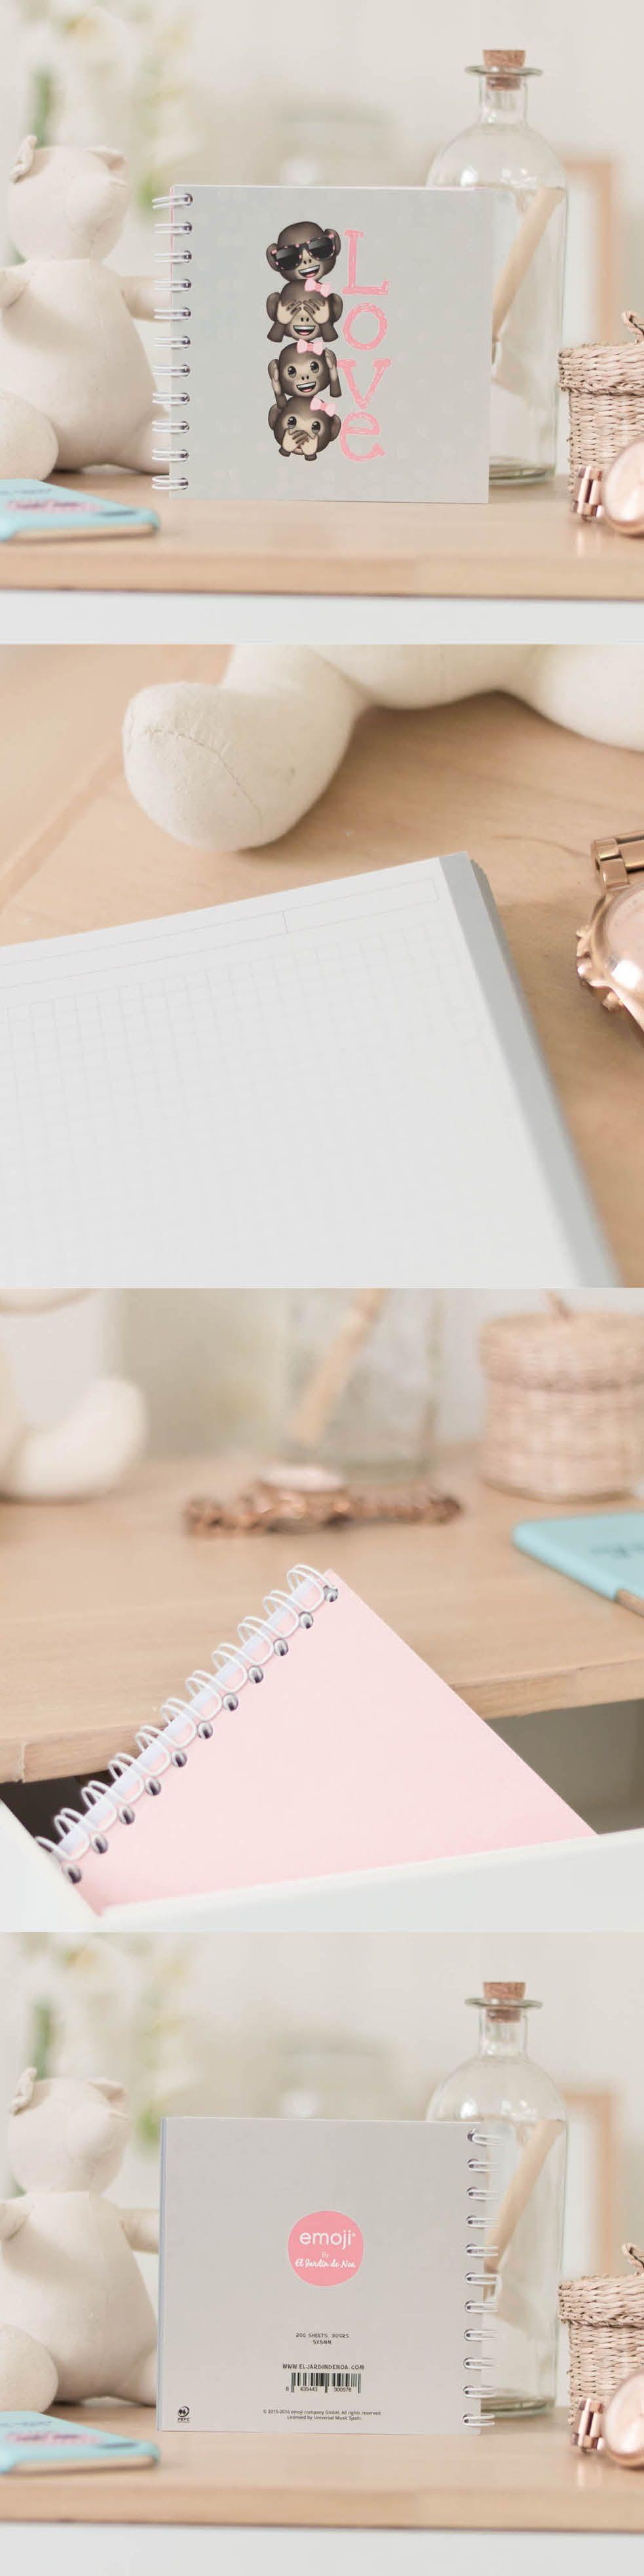 Libretas Bonitas Libretas Oficina Cuadernos Bonitos